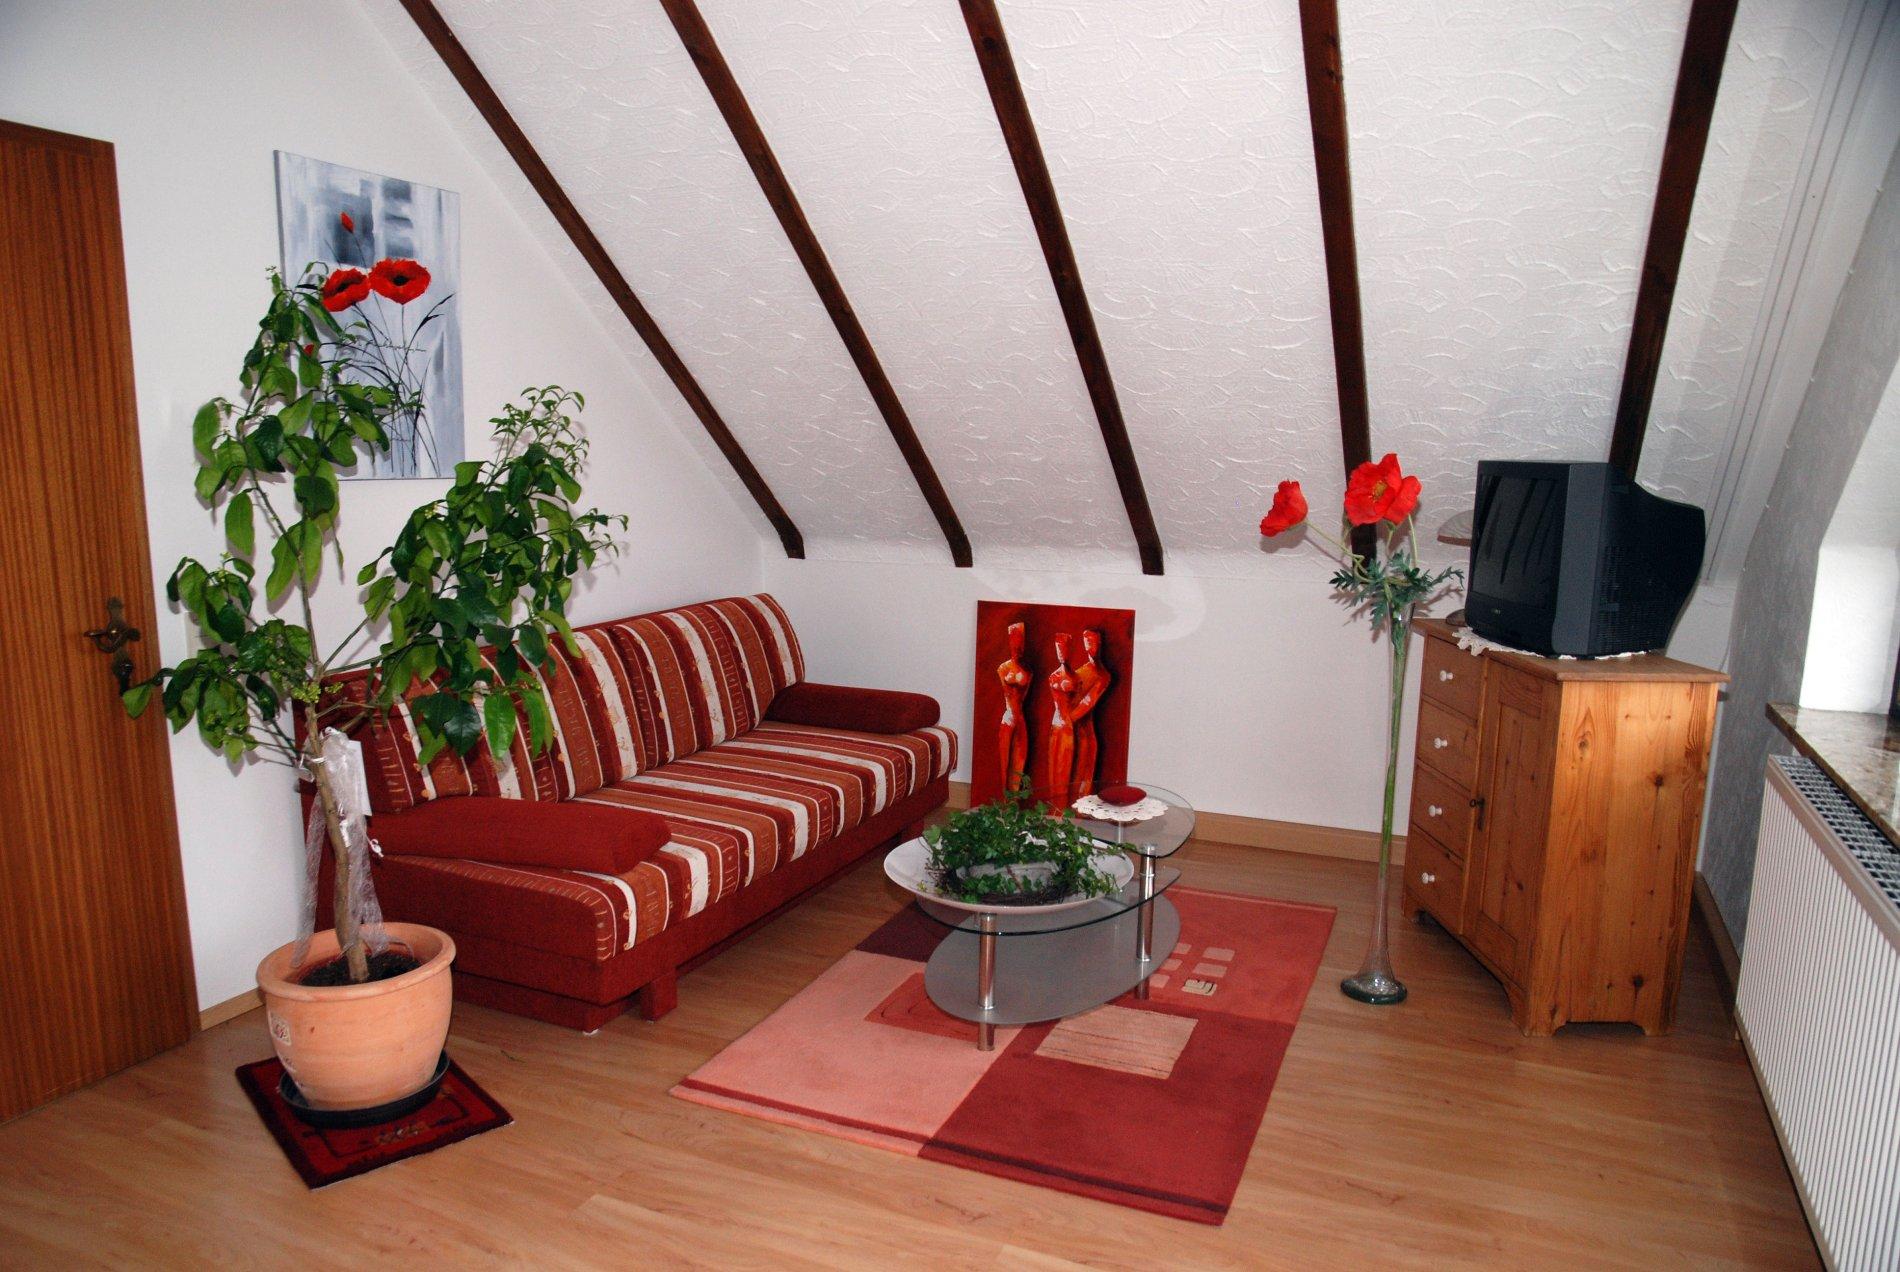 Rote Couch, Glascouchtisch, große Pflanze, roter Teppich und Fernseher auf Holzkommode